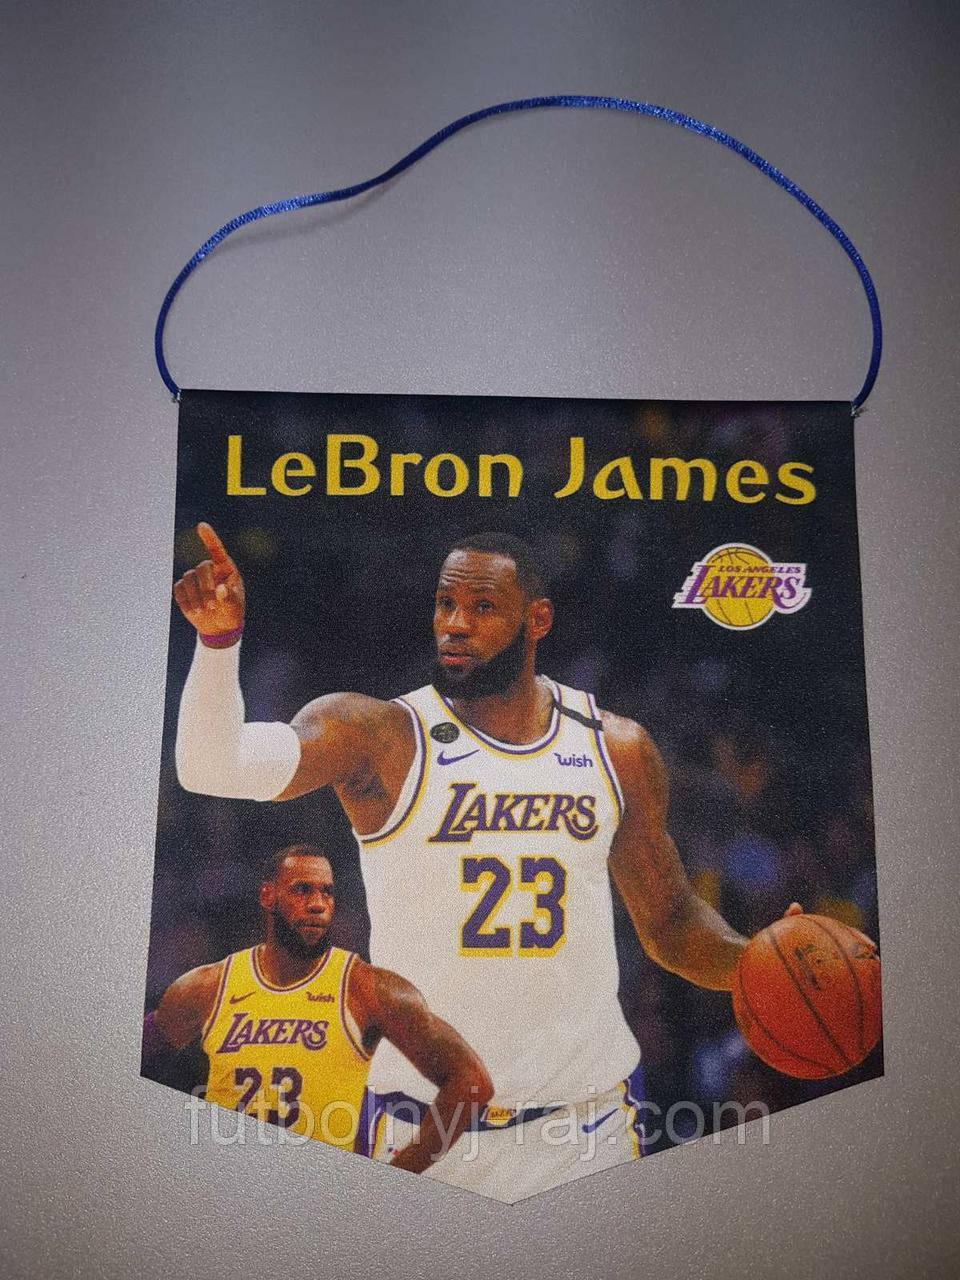 Вимпел футбольний із зображенням логотипу NBA LeBron James